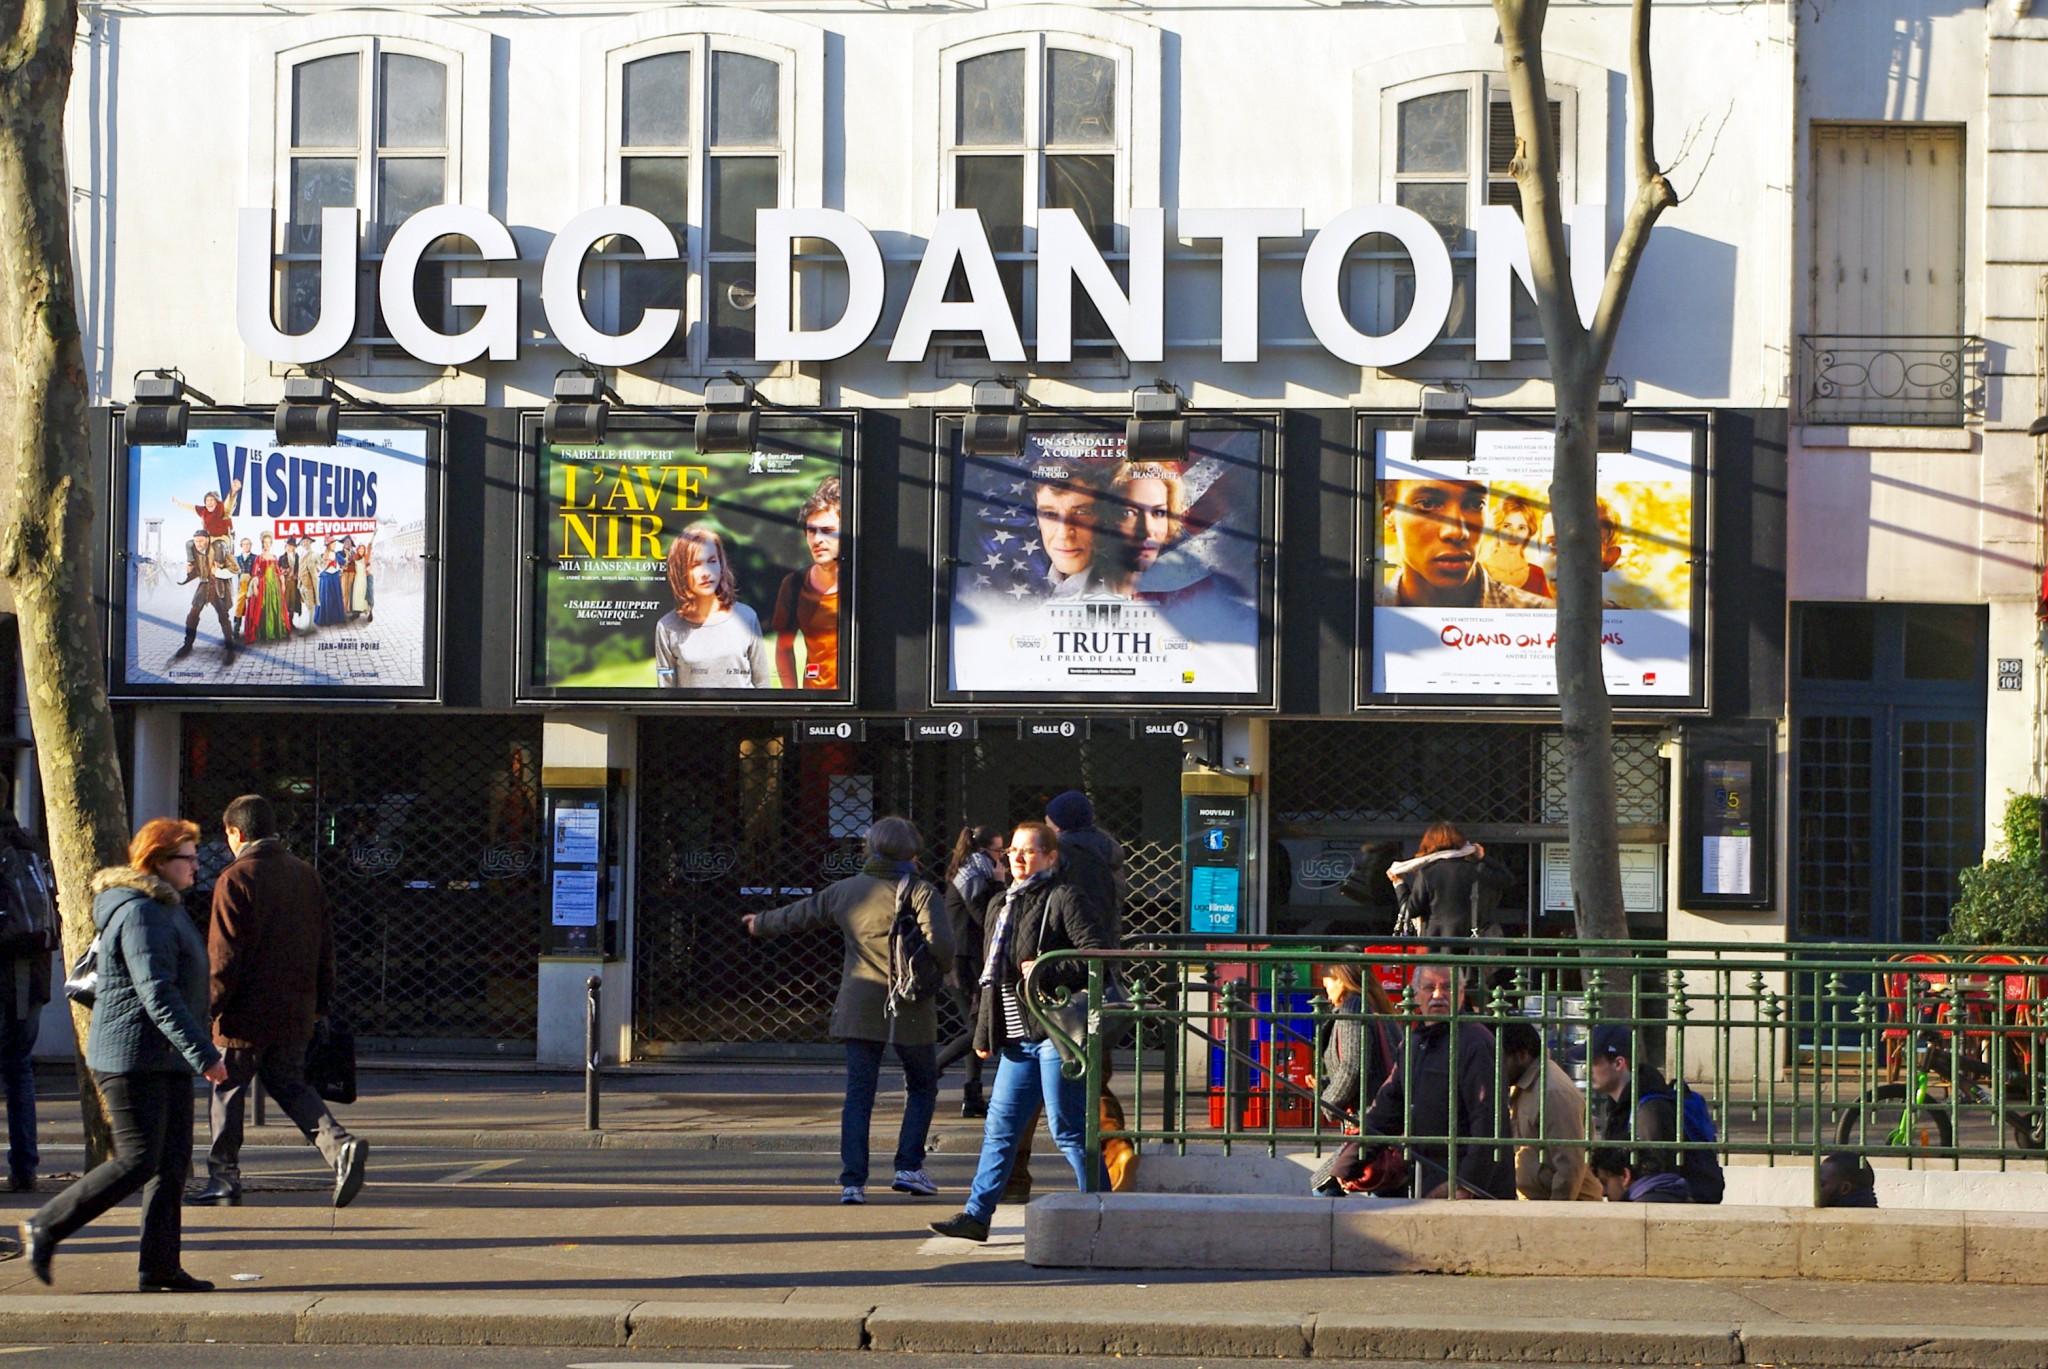 Les Visiteurs : La Révolution on screen at UGC Danton, Paris © French Moments